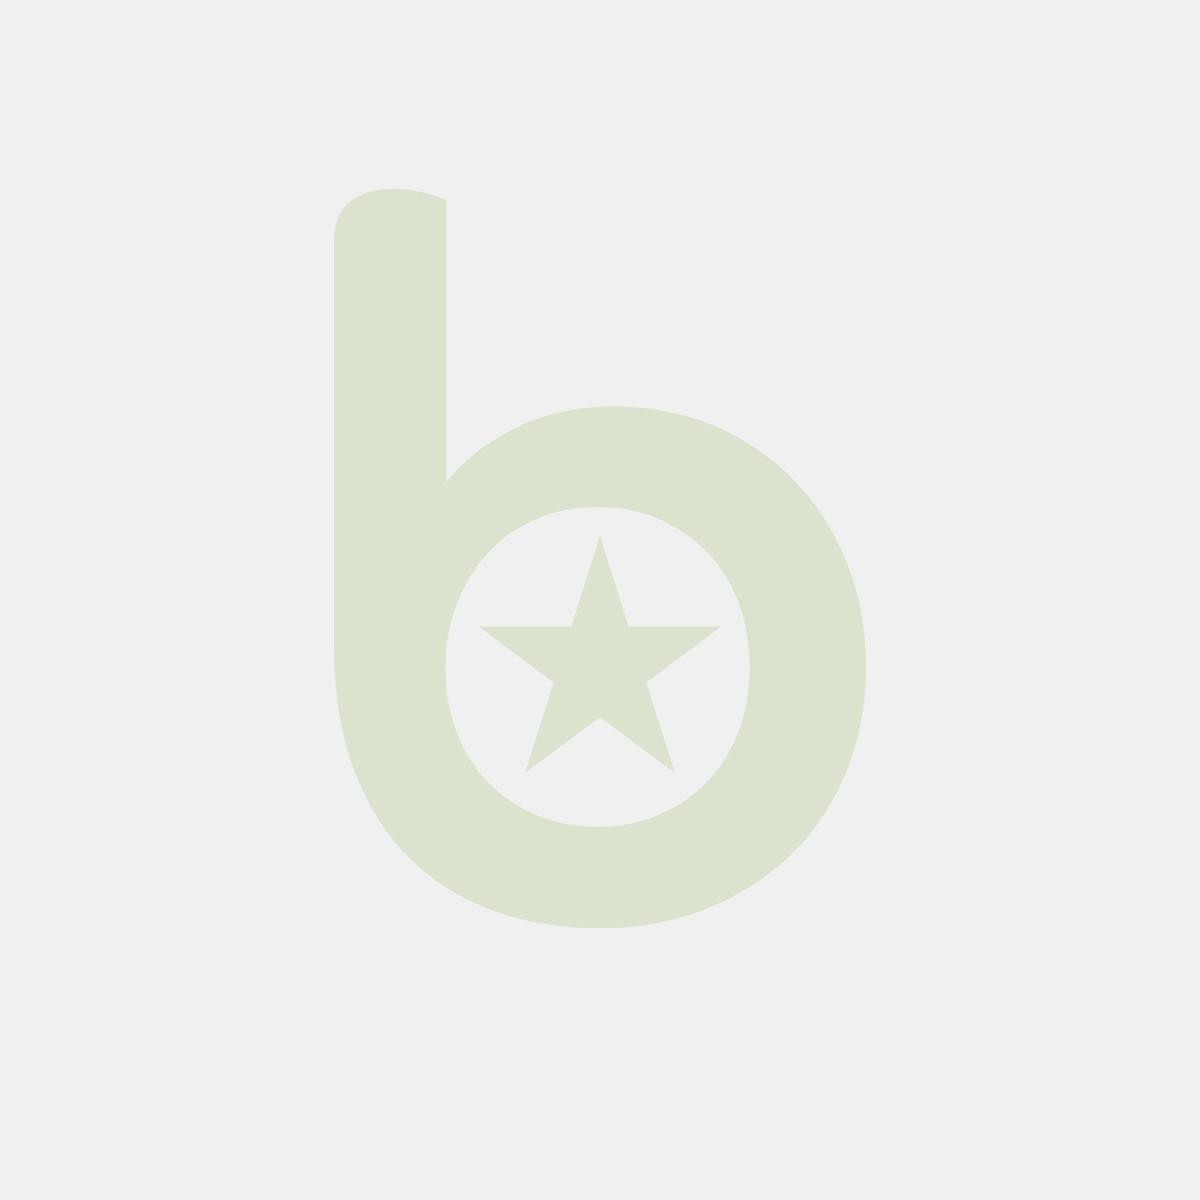 Miara barmańska dwustronna 20ml+40ml stal nierdzewna AISI 202